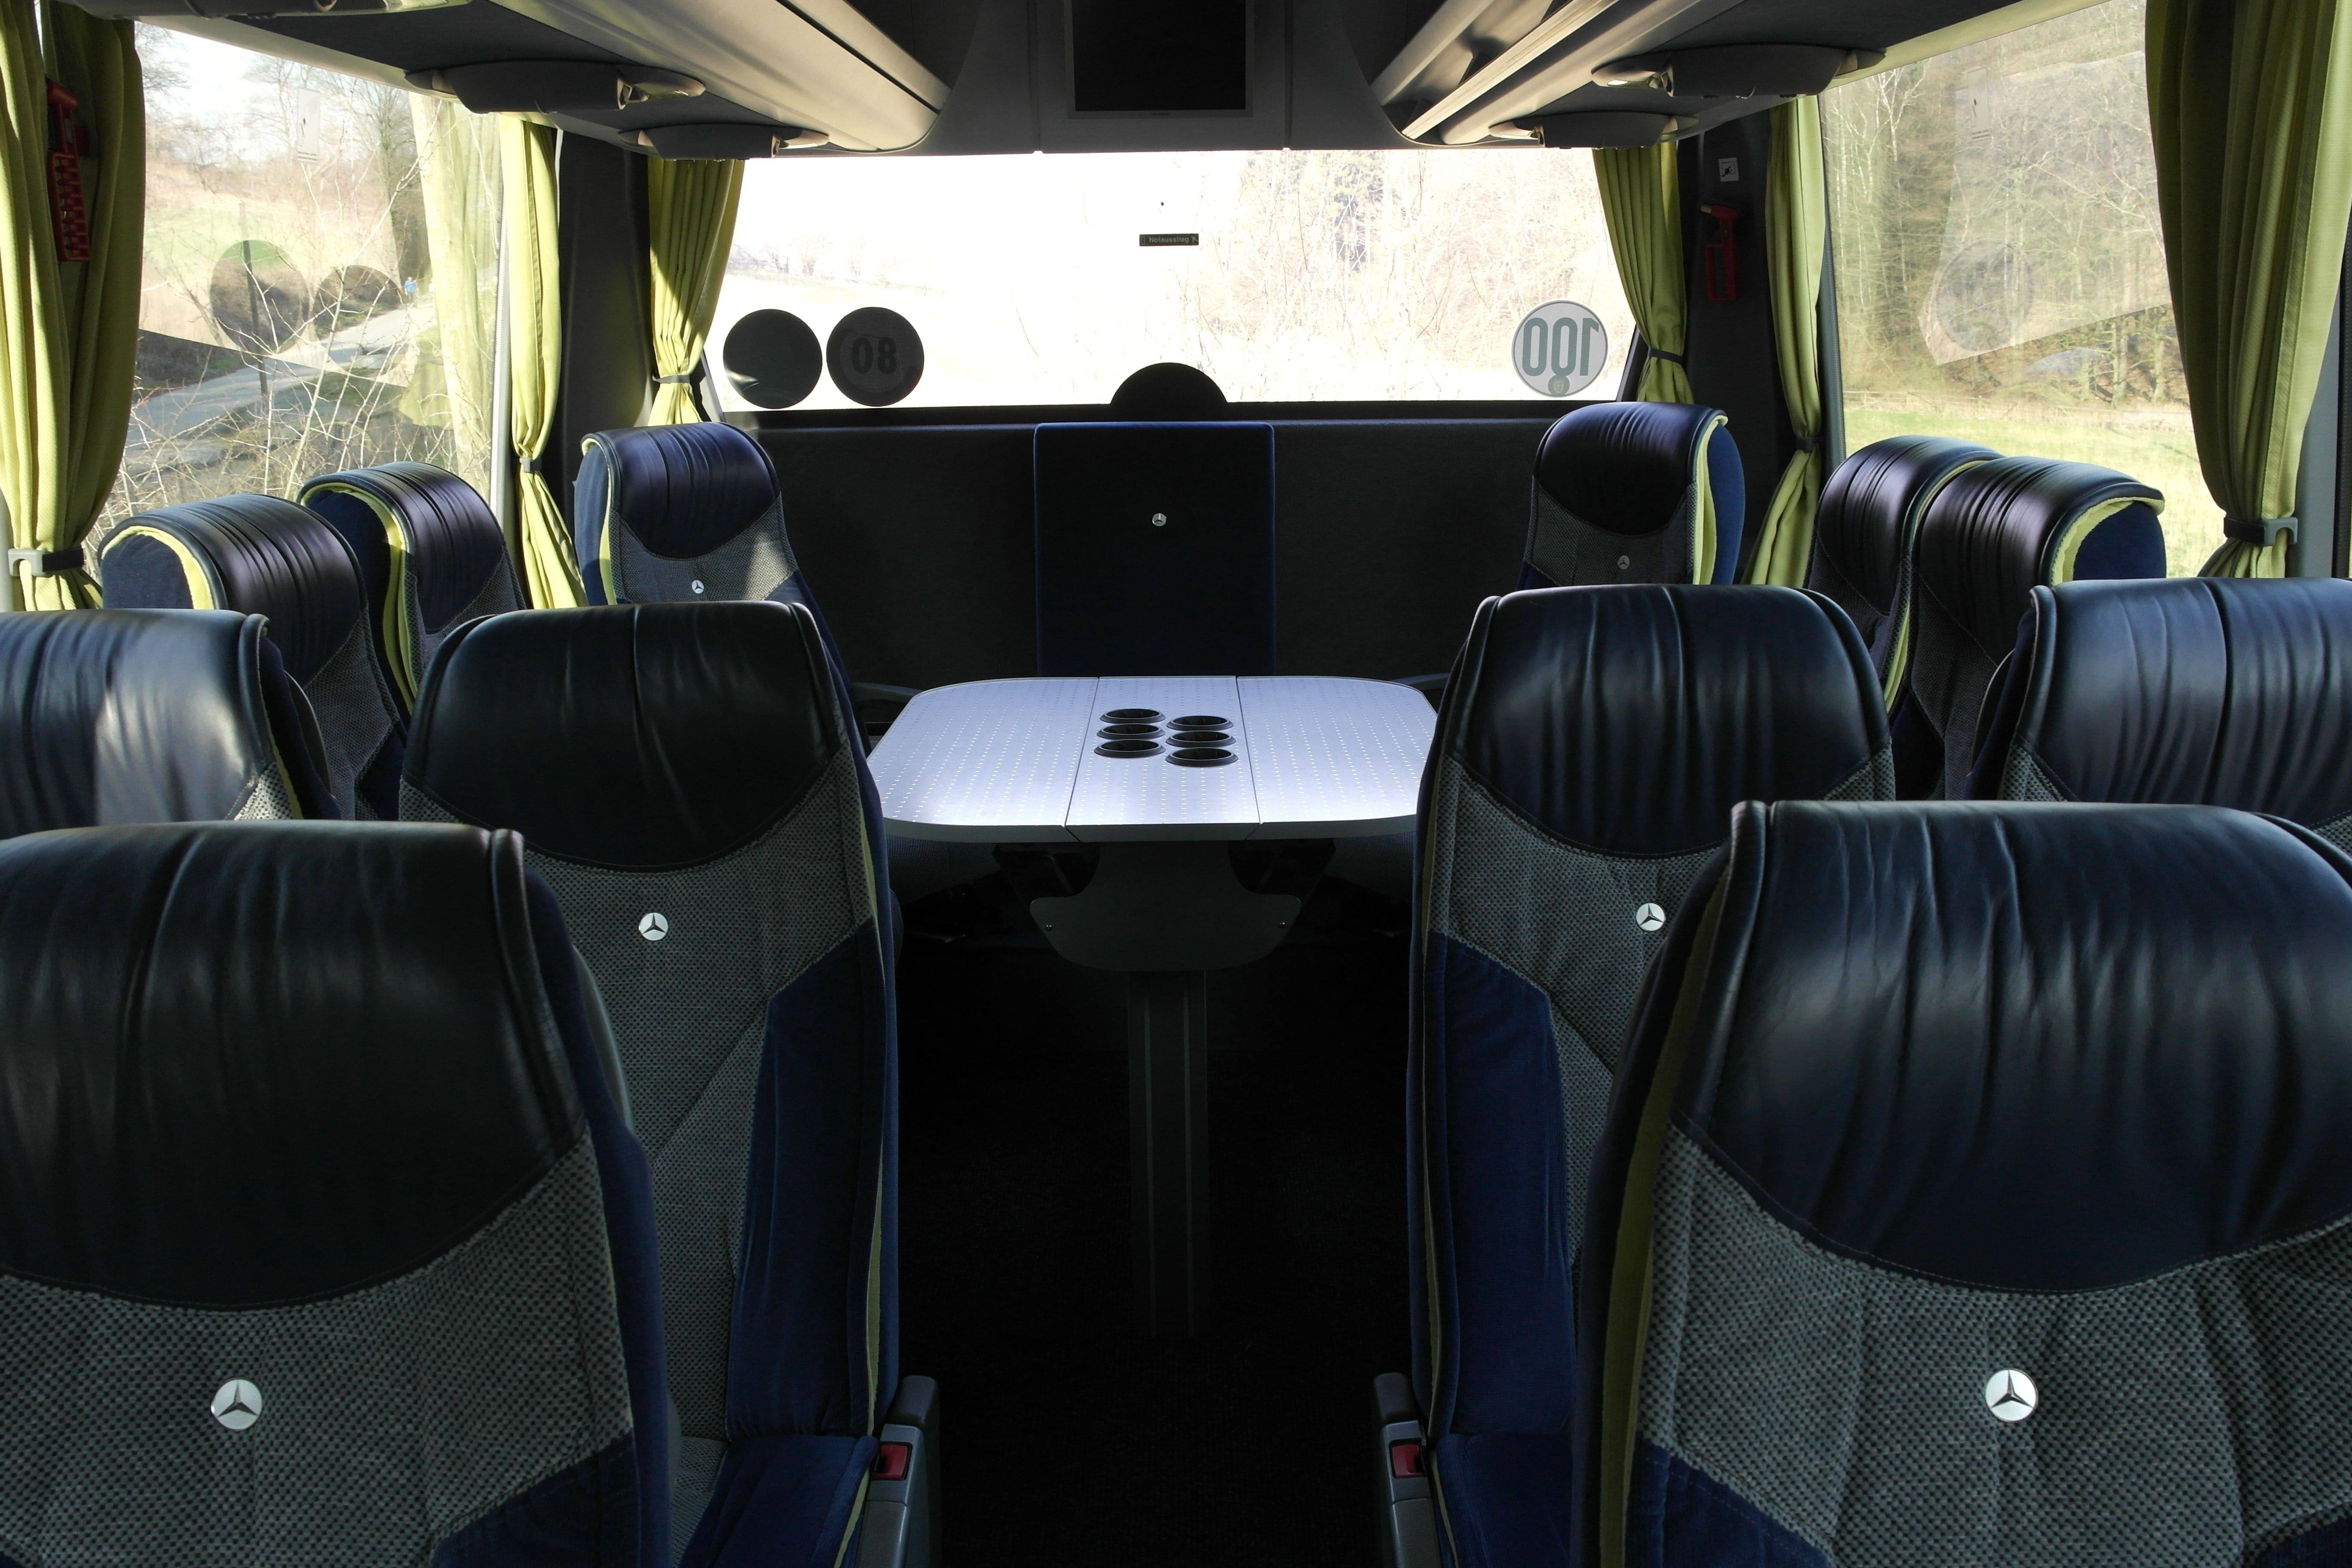 Rundsitzecke im Mercedes-Benz Travego - Individuelle Busreisen mit der EWG Busreisen GmbH